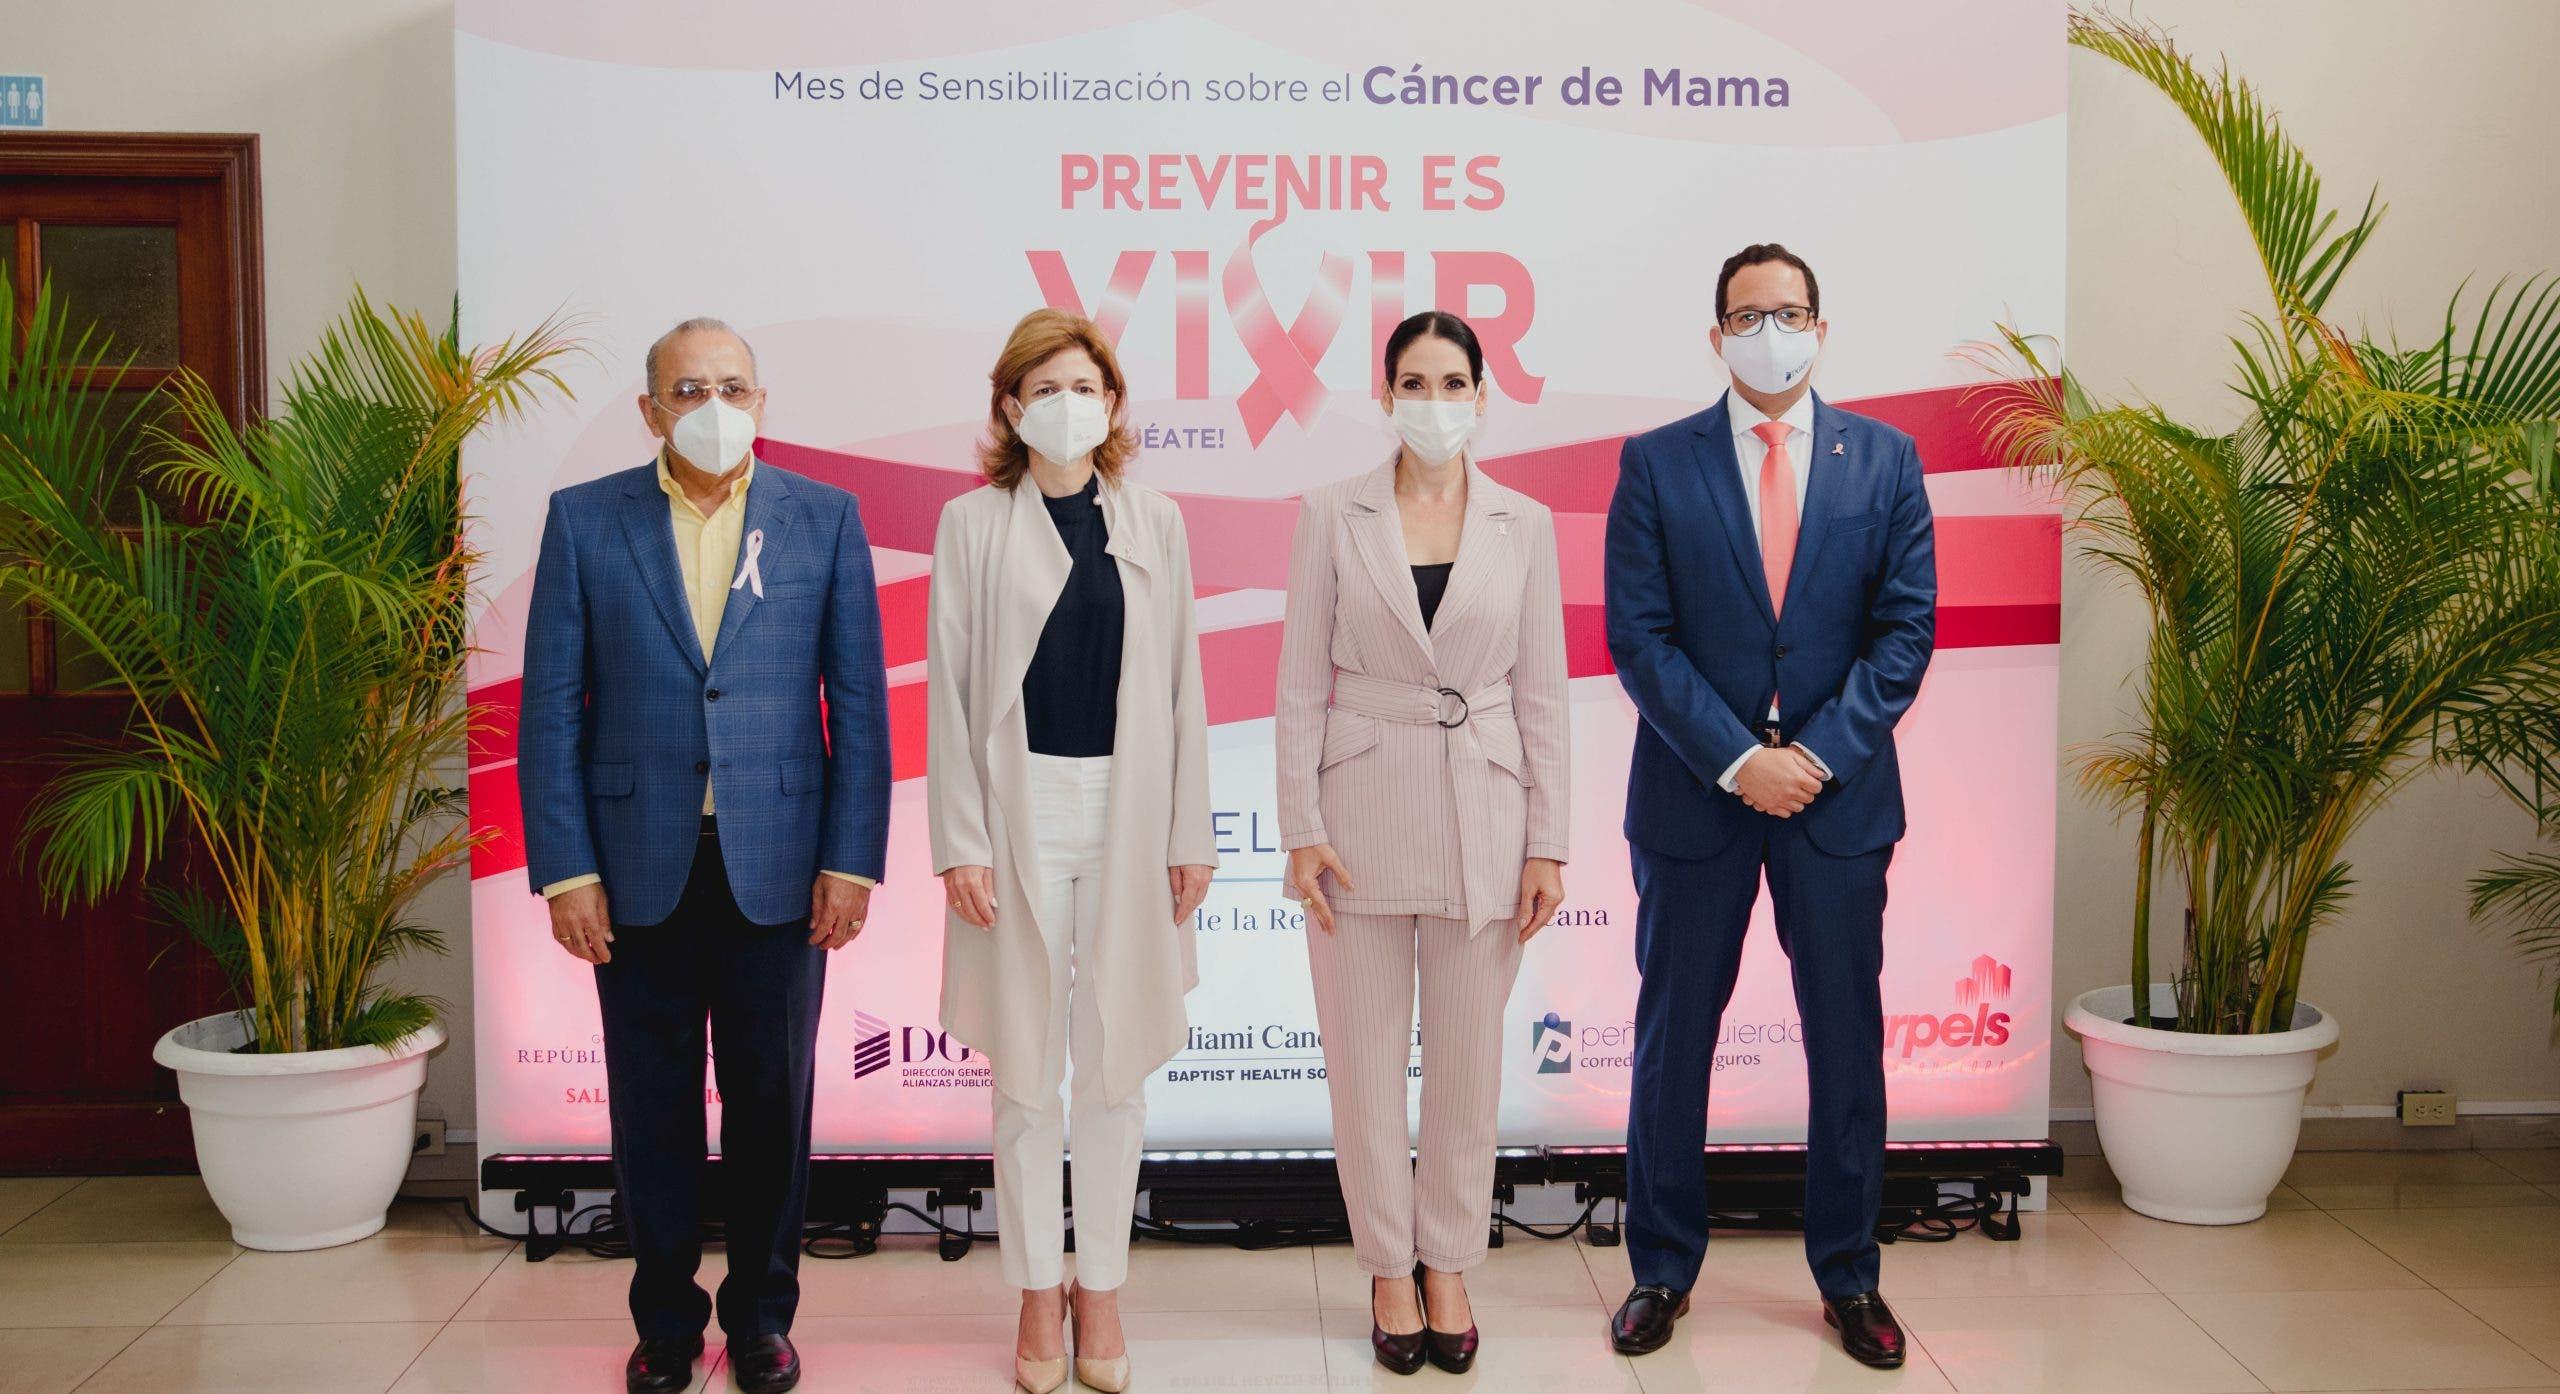 Primera Dama y DGAPP conmemoran el Día Mundial contra el Cáncer de mama